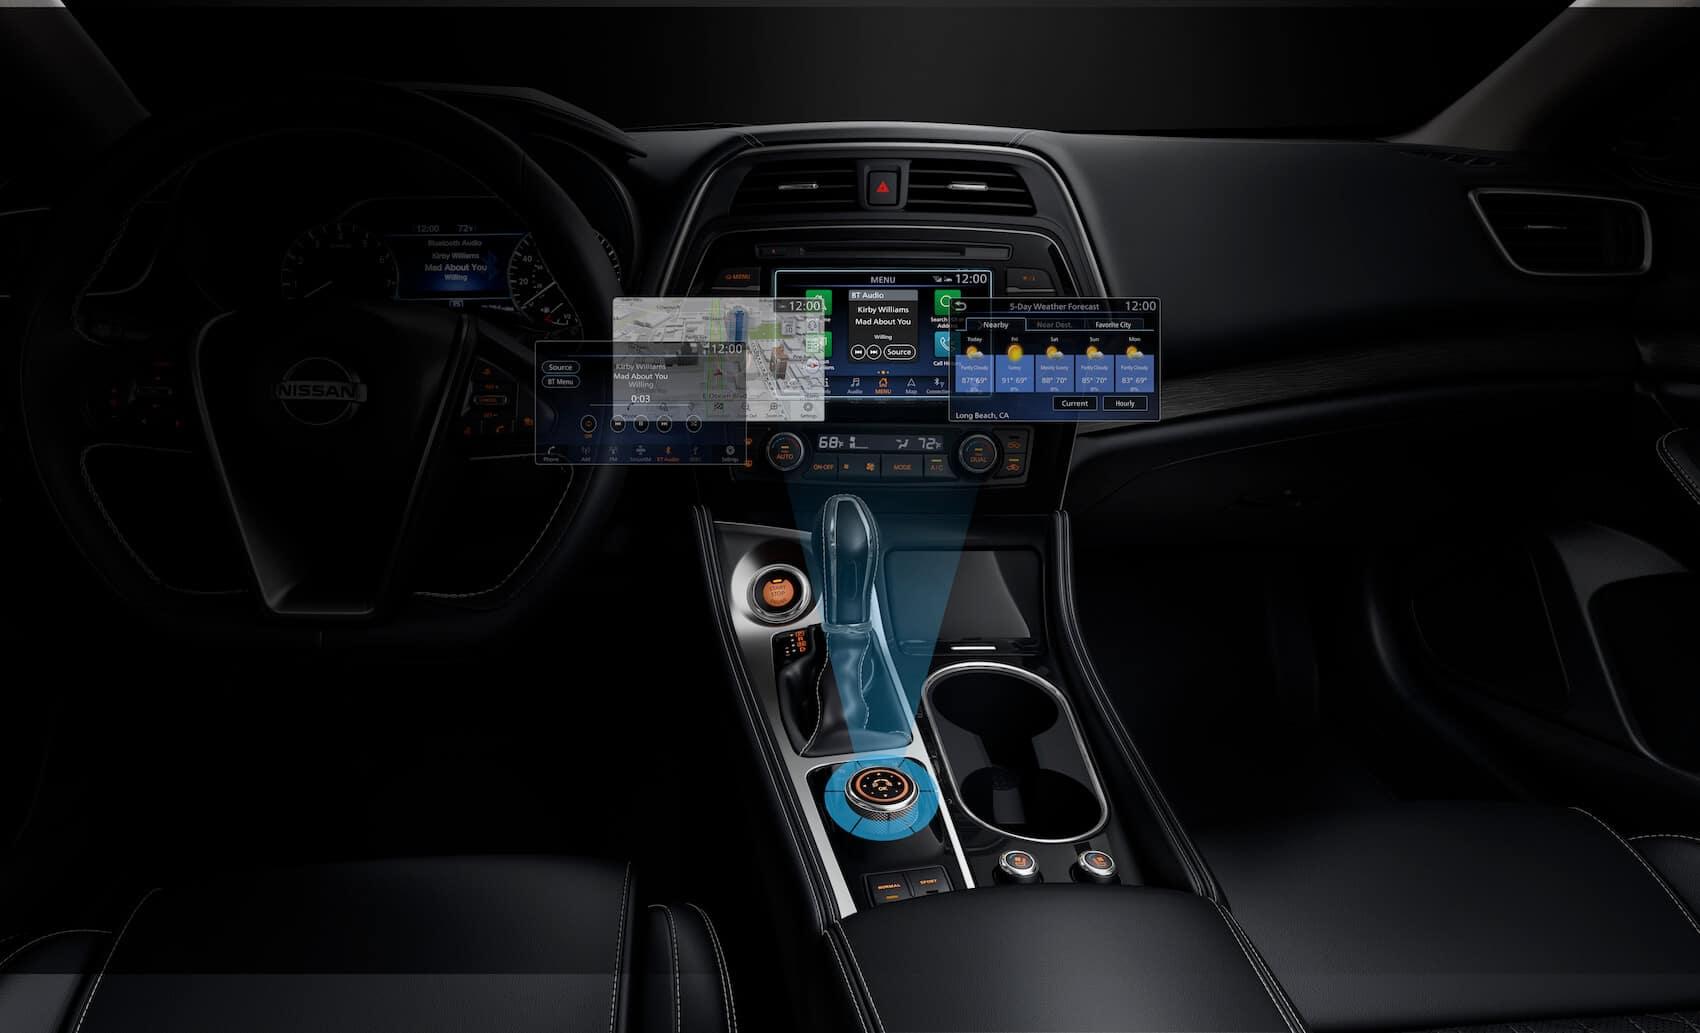 2020 Nissan Maxima technology Jenkintown, PA